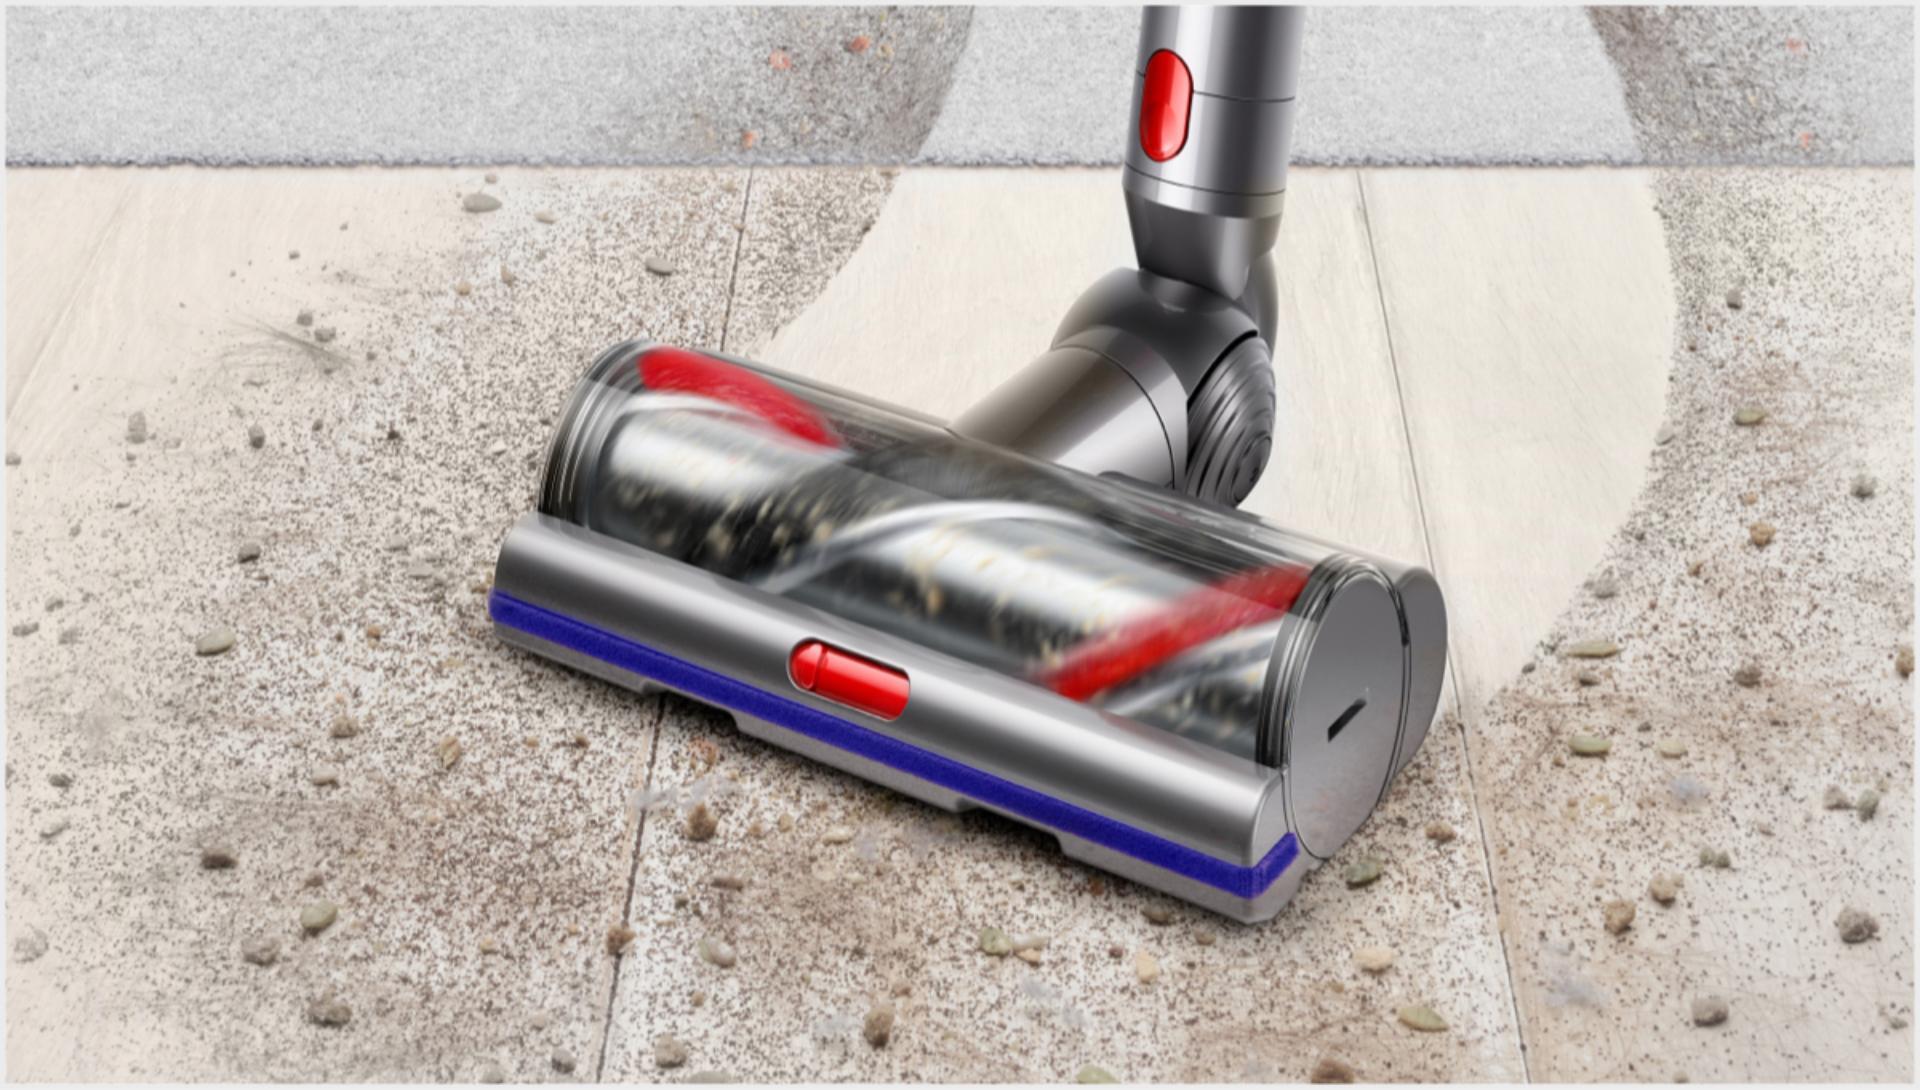 마룻바닥을 청소하는 하이 토크 XL 클리너 헤드